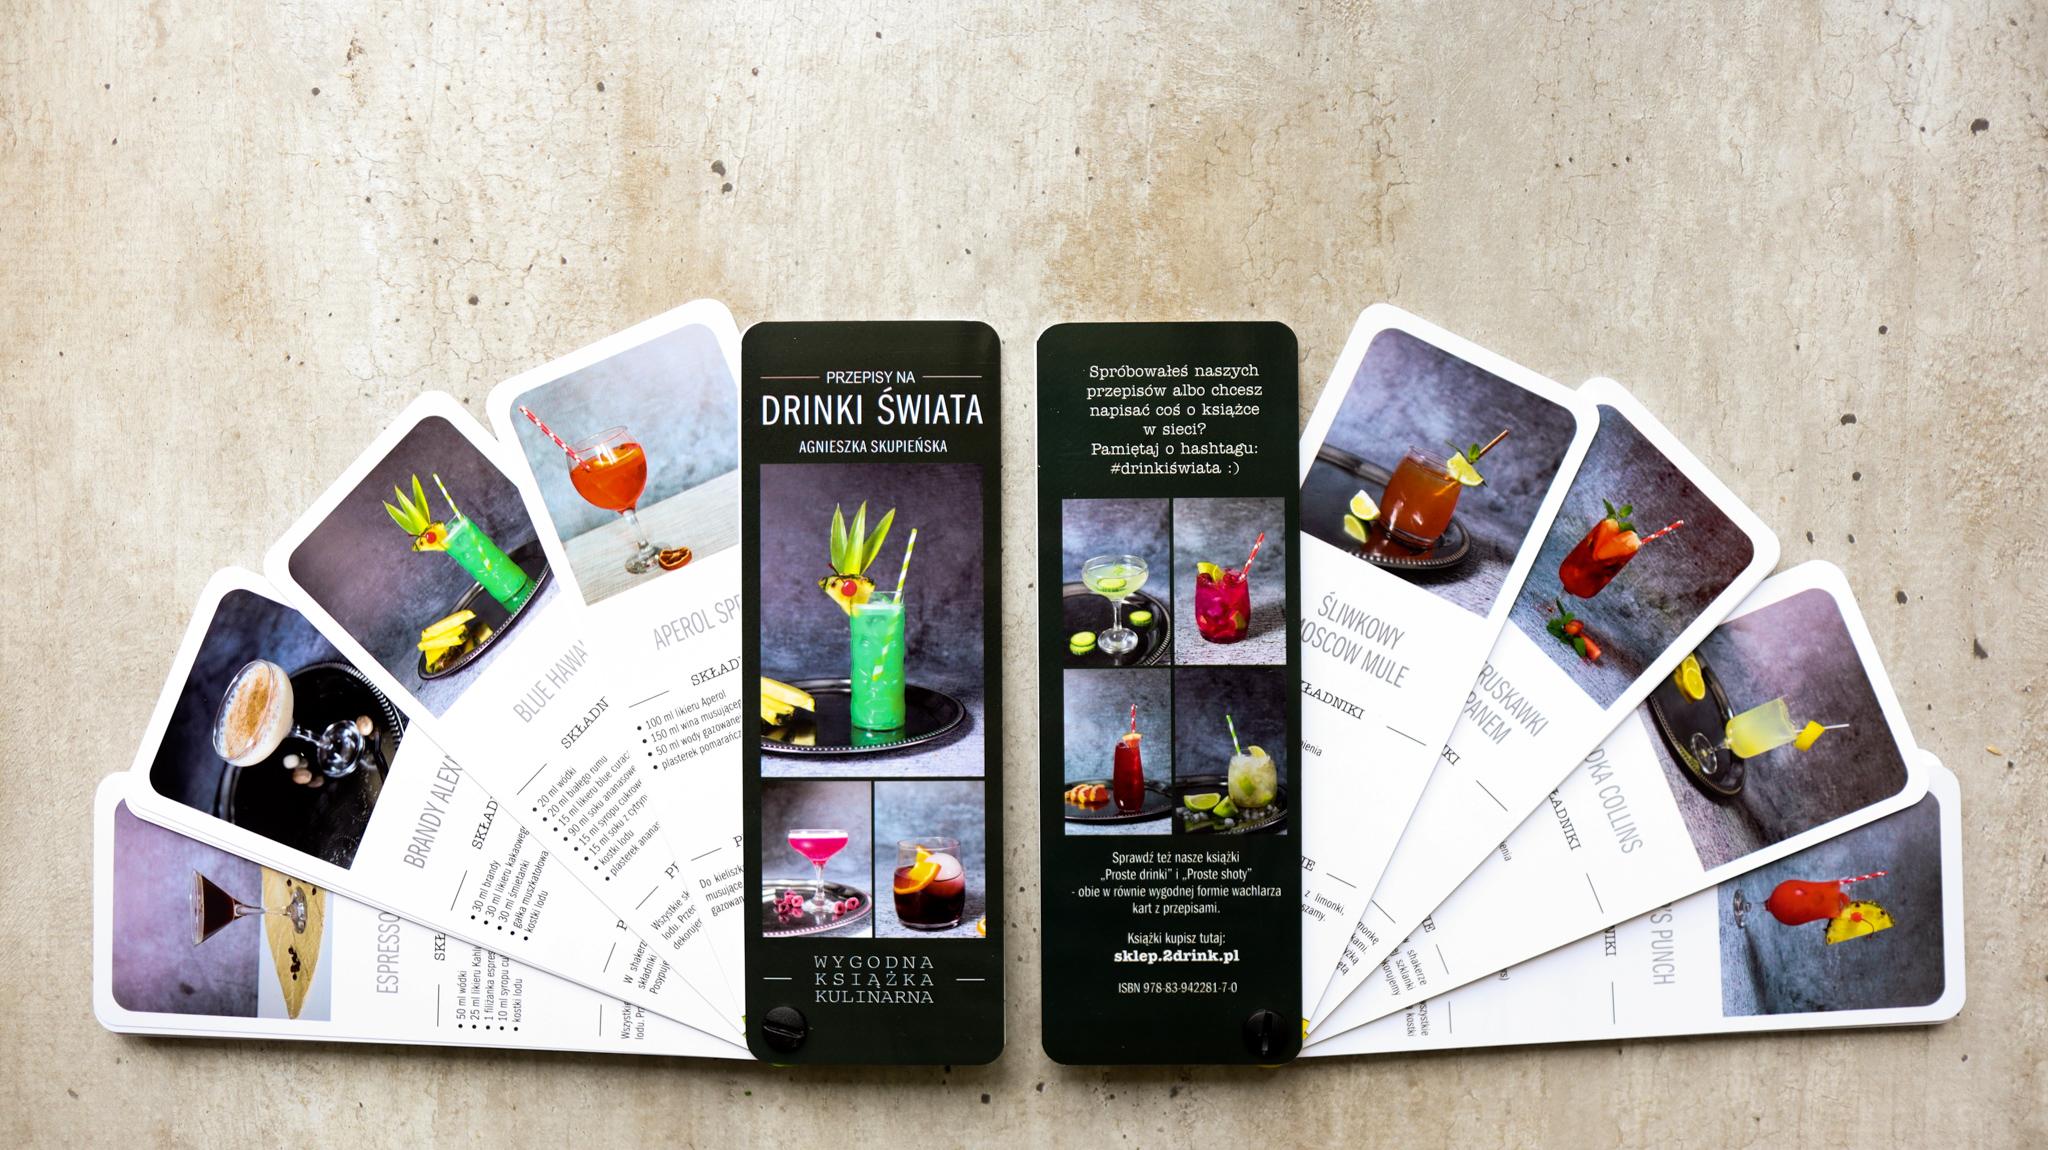 Drinki świata – premiera mojej TRZECIEJ książki